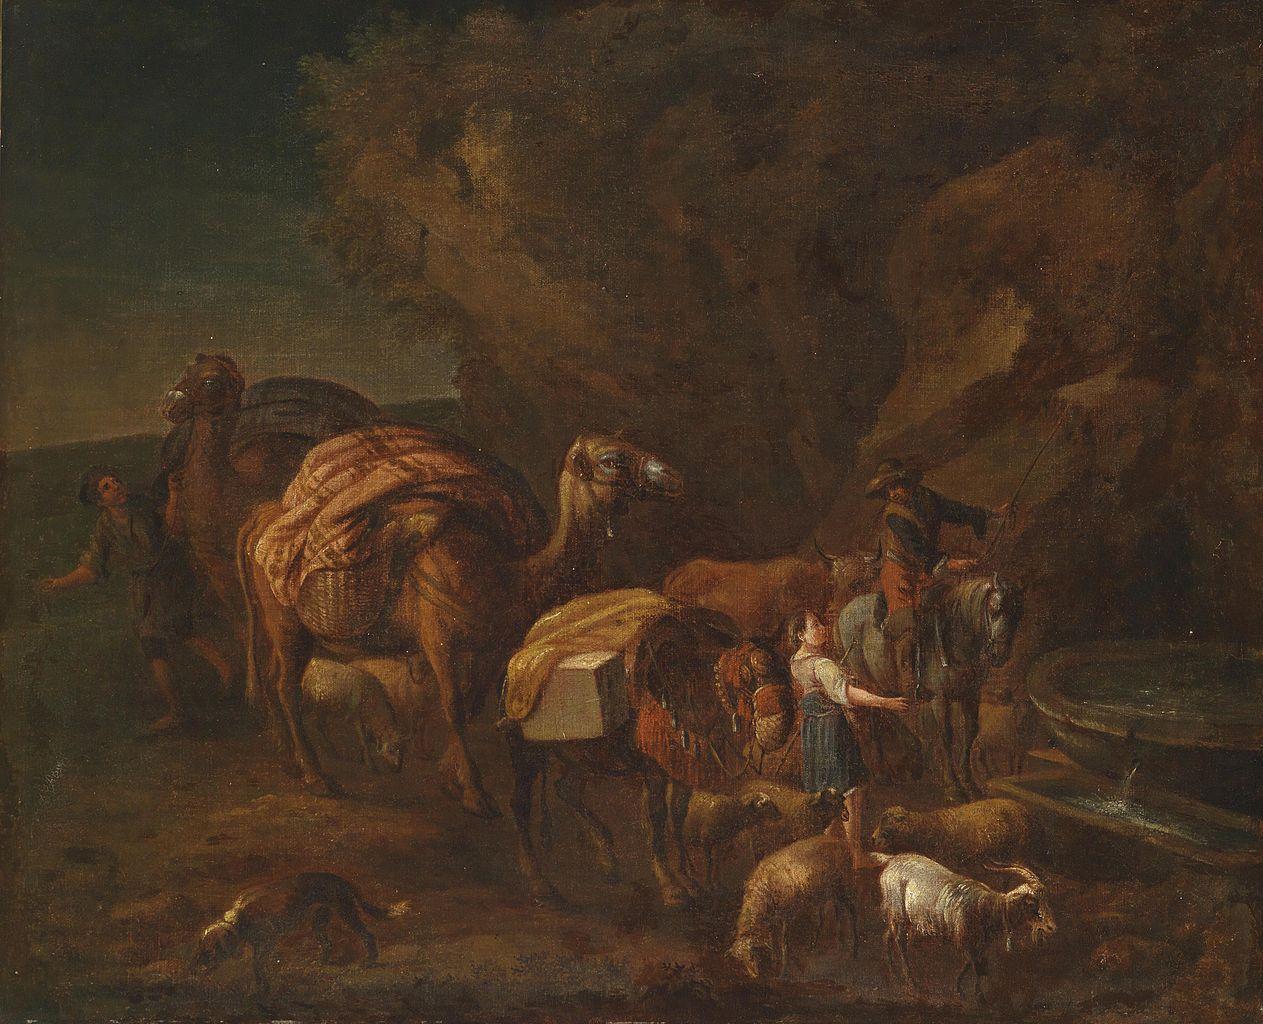 Orientalische Landschaft mit Kameltreibern und Viehhirten, by Nicolaes Berchem